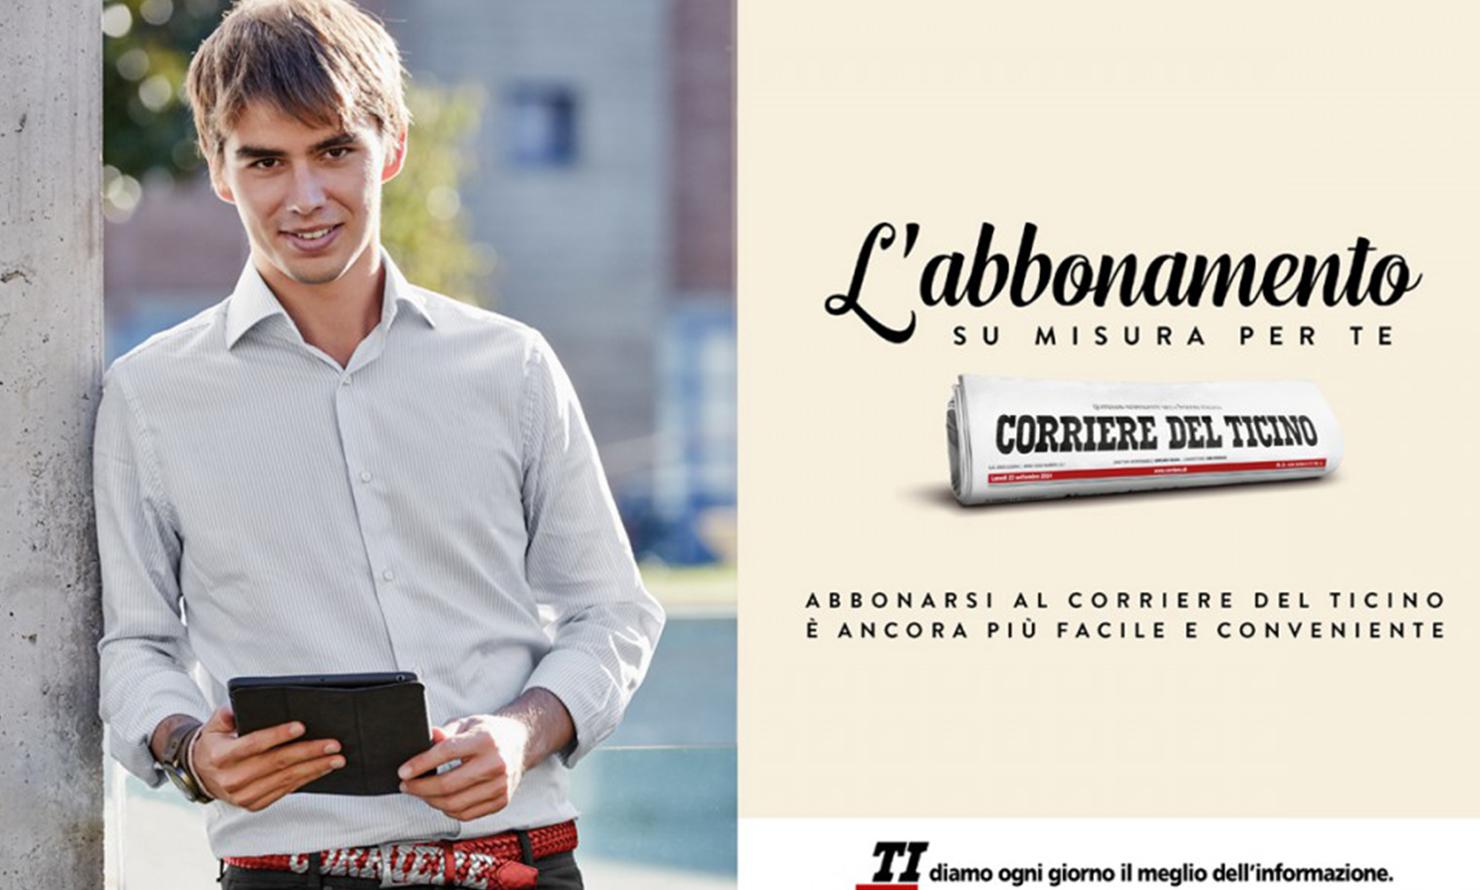 https://www.kubelibre.com/uploads/Slider-work-tutti-clienti/corriere-del-ticino-l-abbonamento-su-misura-per-te-7.jpg